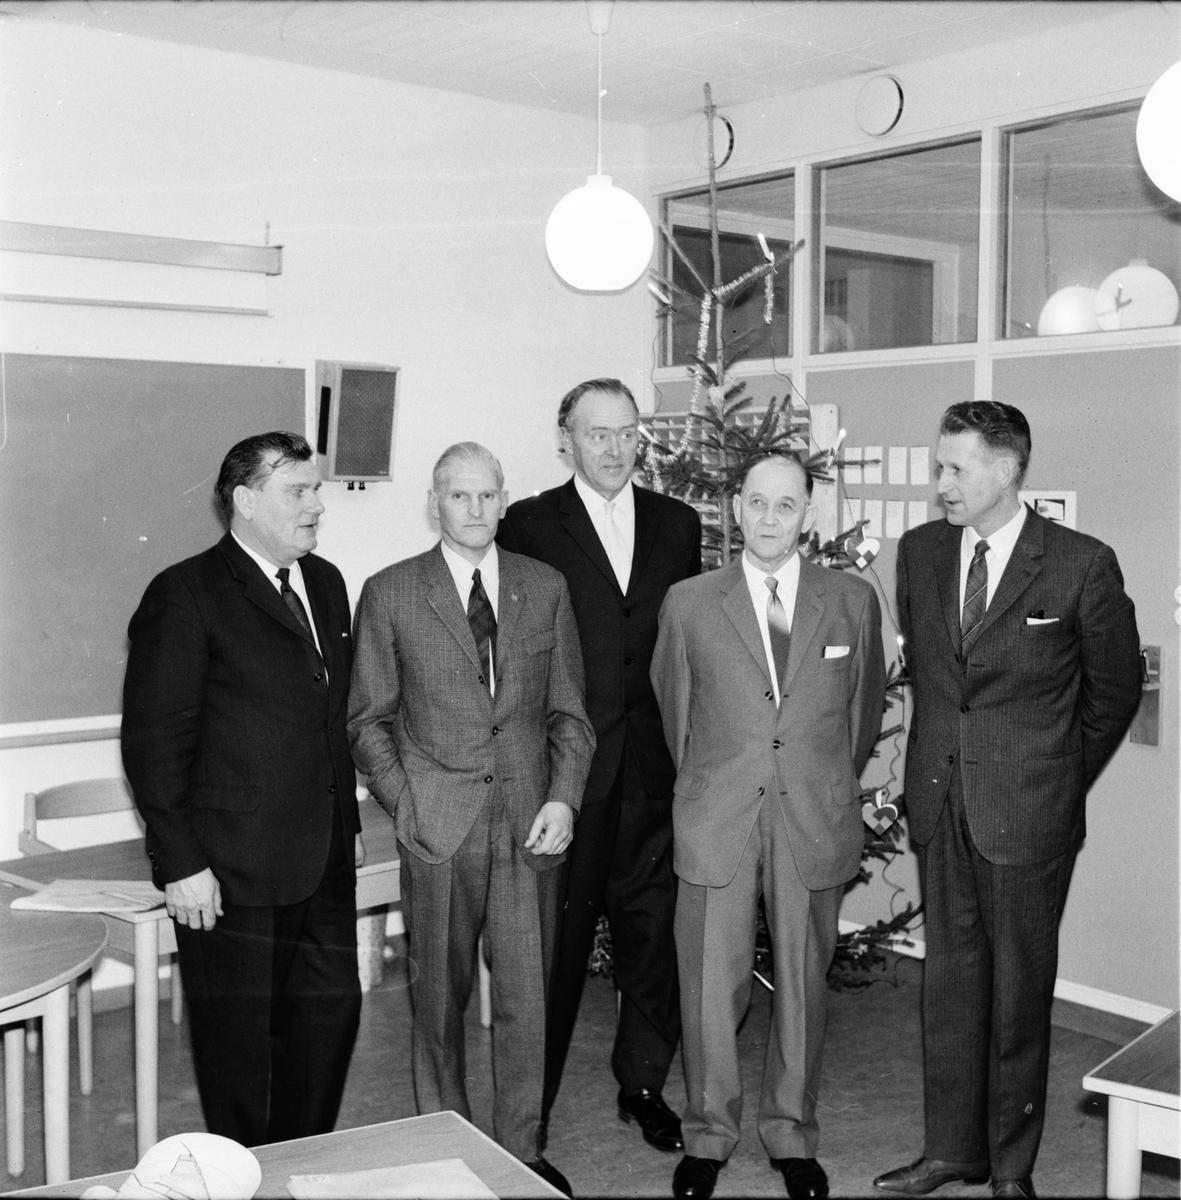 Arbrå, Fullmäktiges sista samtr.f.året, 15 December 1967